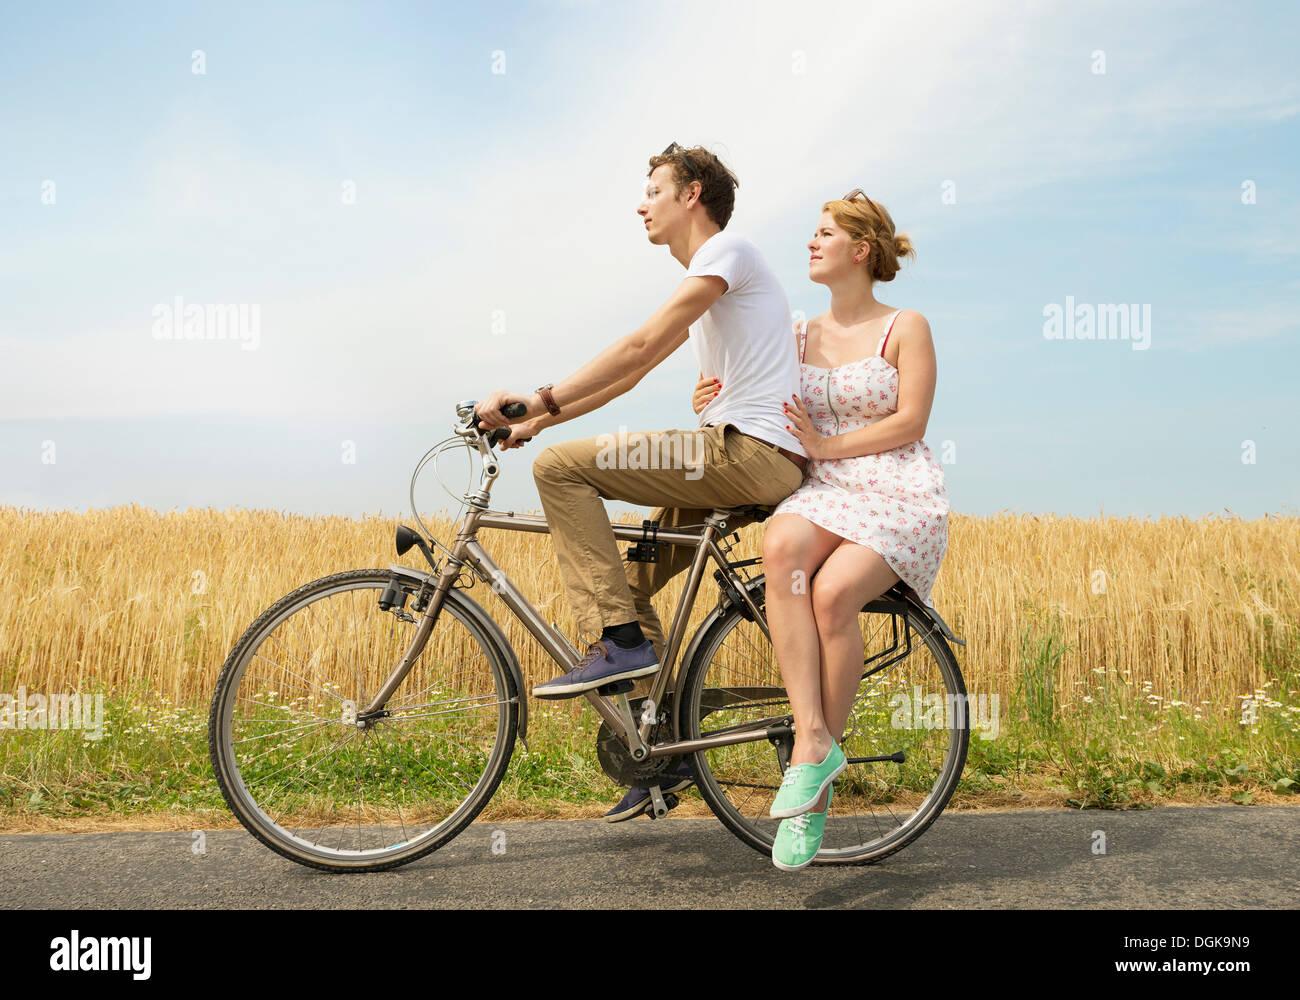 Coppia Bicicletta Equitazione Immagini Stock